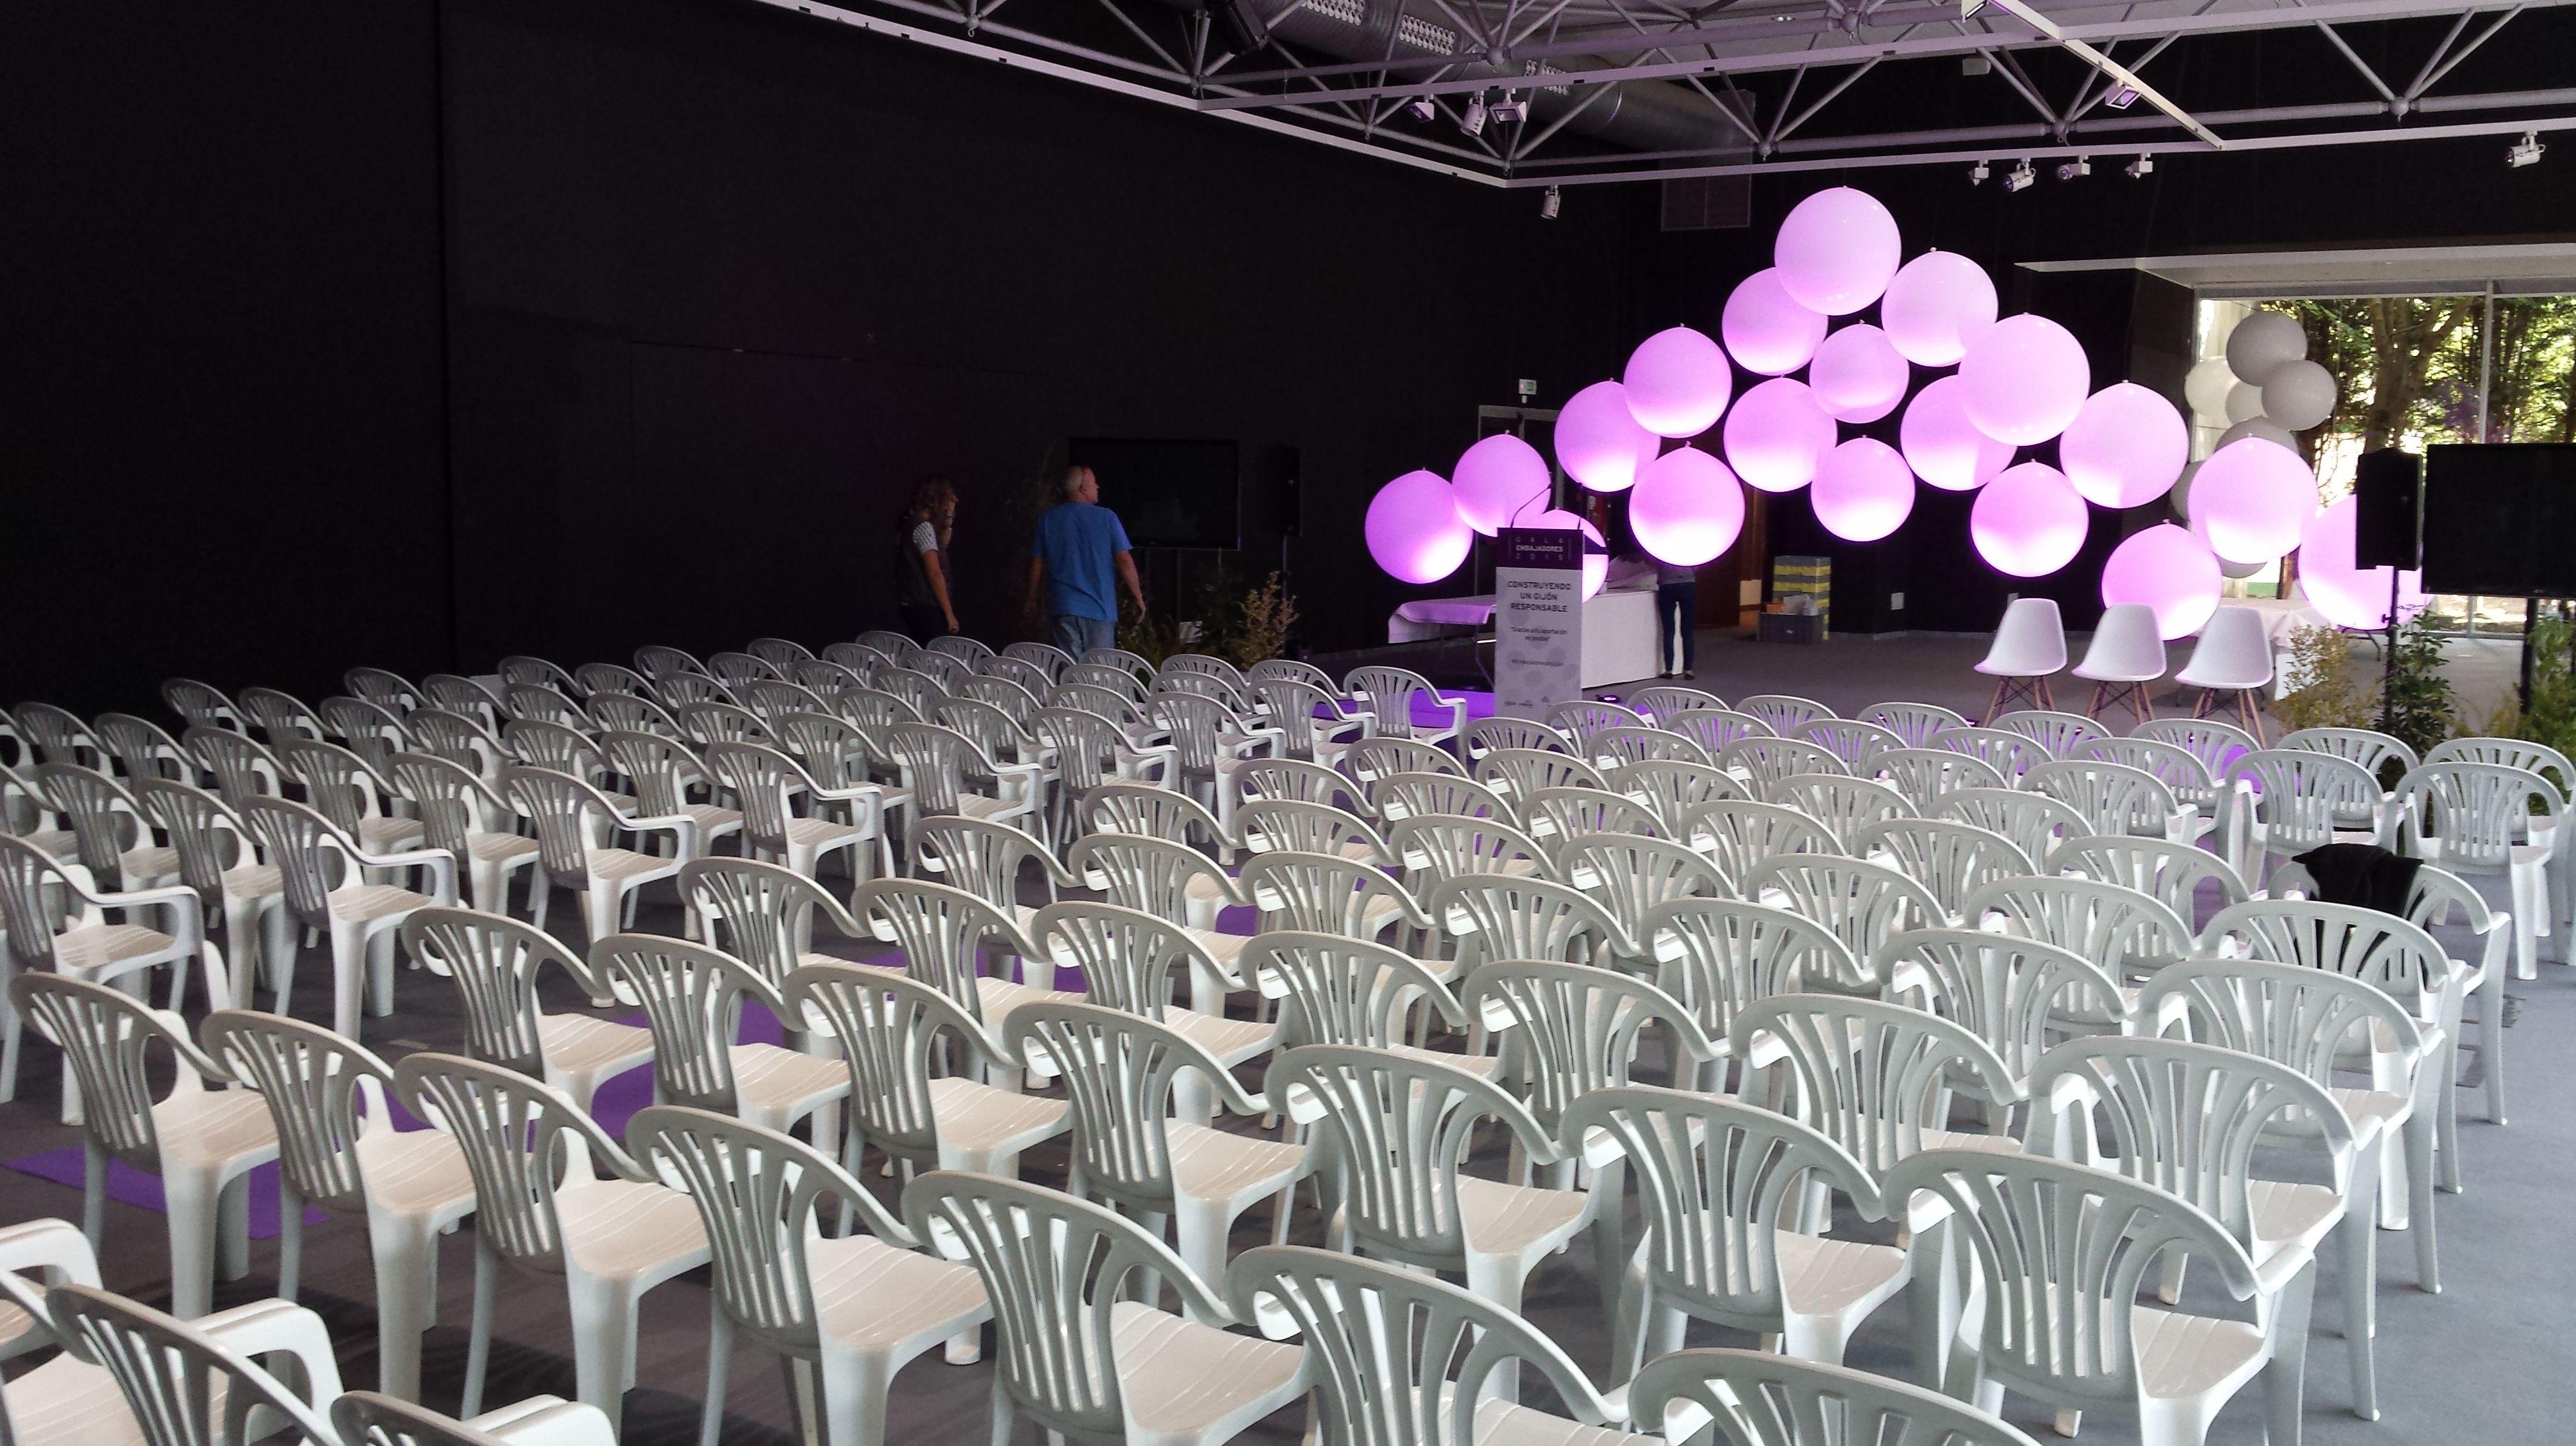 Alquiler de mobiliario para eventos, en Asturias.